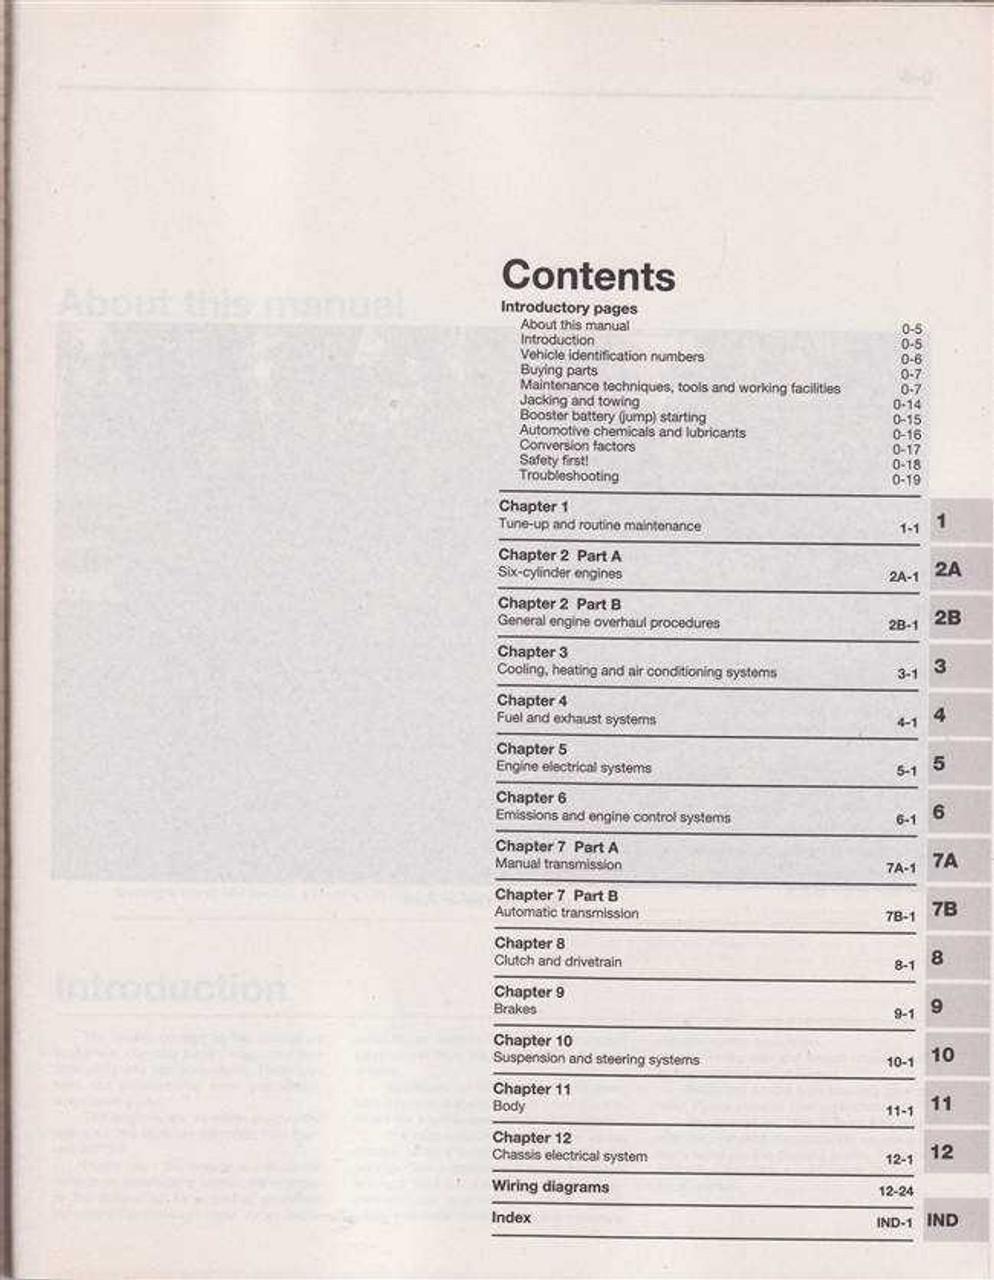 Ford Falcon / Fairlane AU, AU II, AU III 1998 - 2002 Workshop Manual